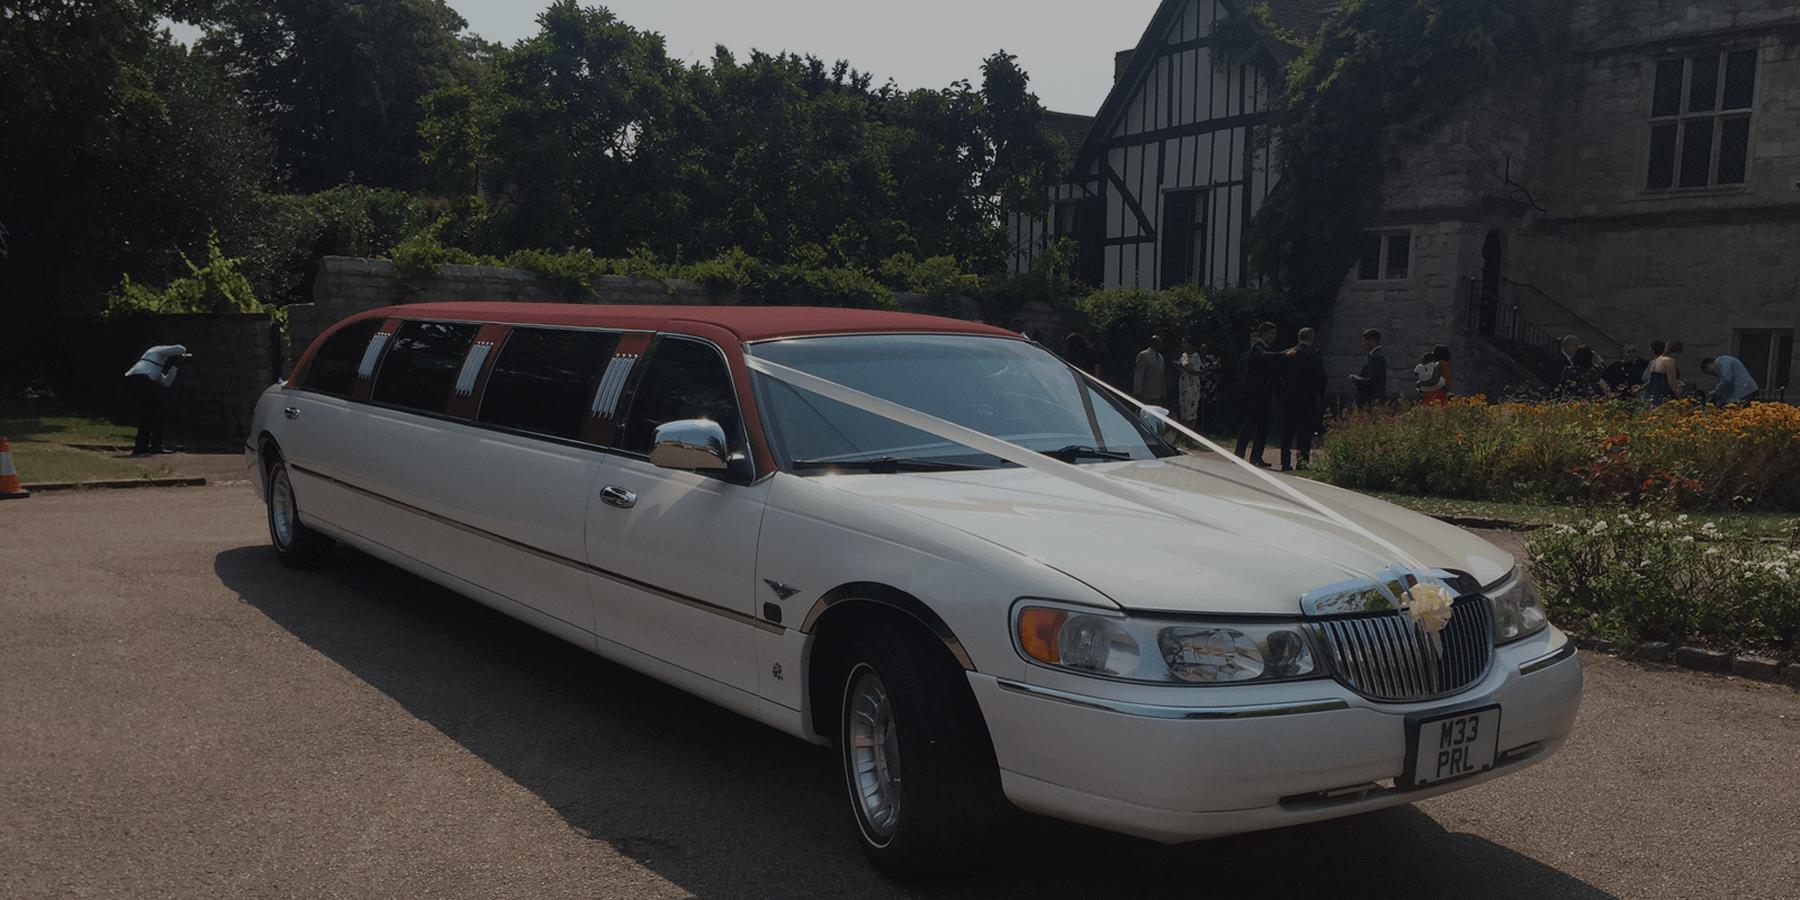 limo hire south croydon